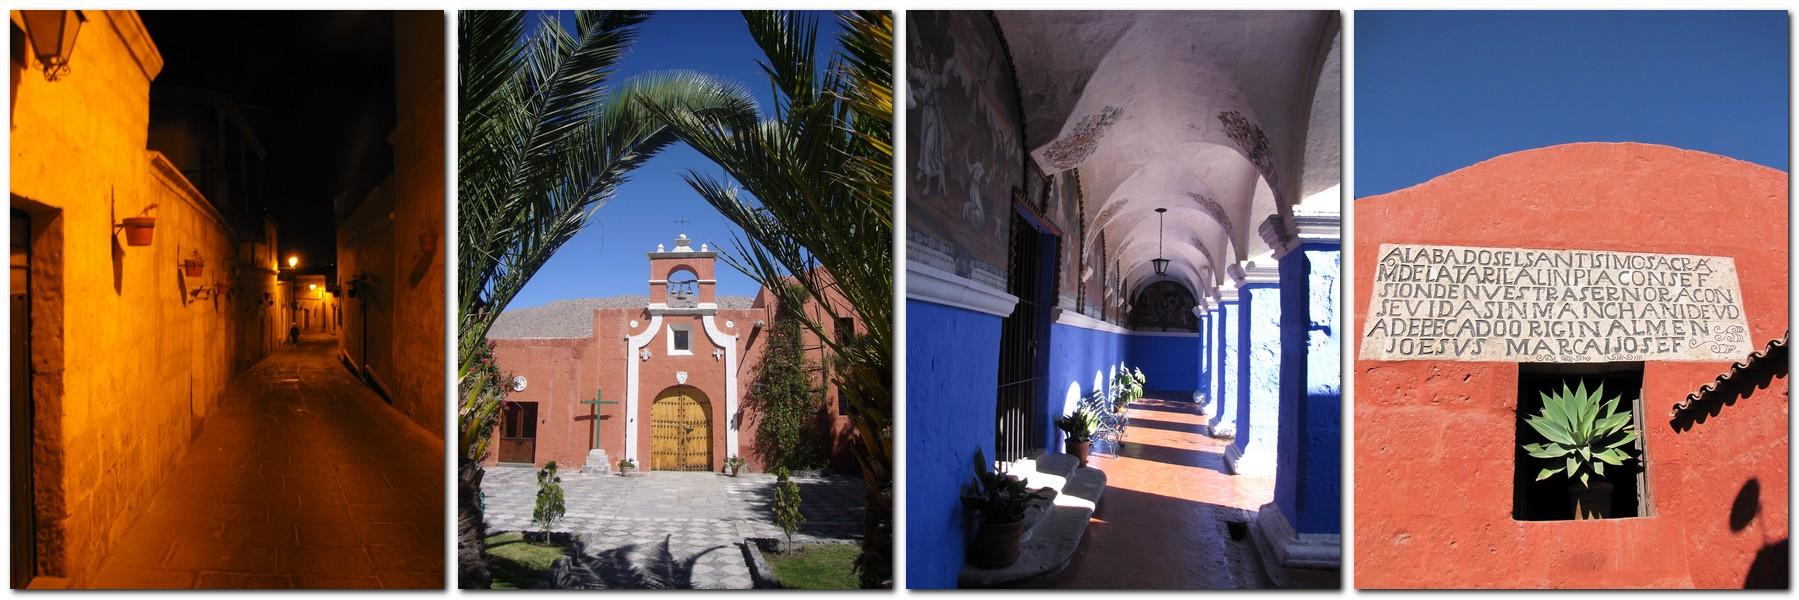 Arequipa - verklaard tot werelderfgoed